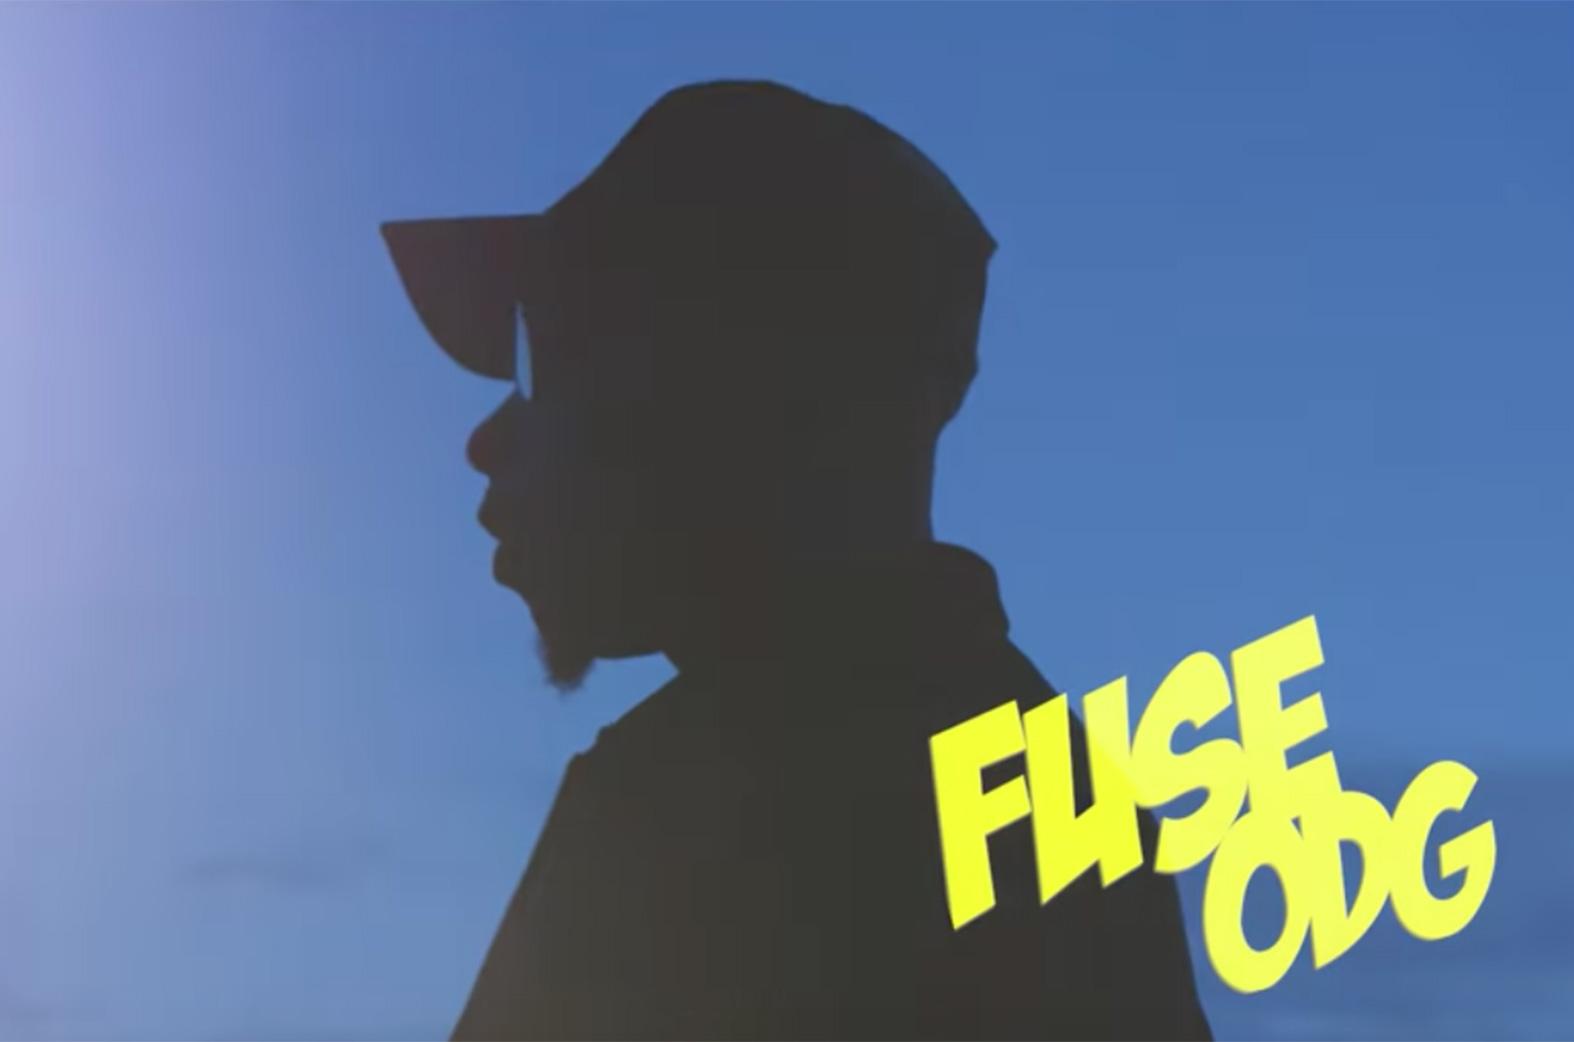 No Daylight by Fuse ODG